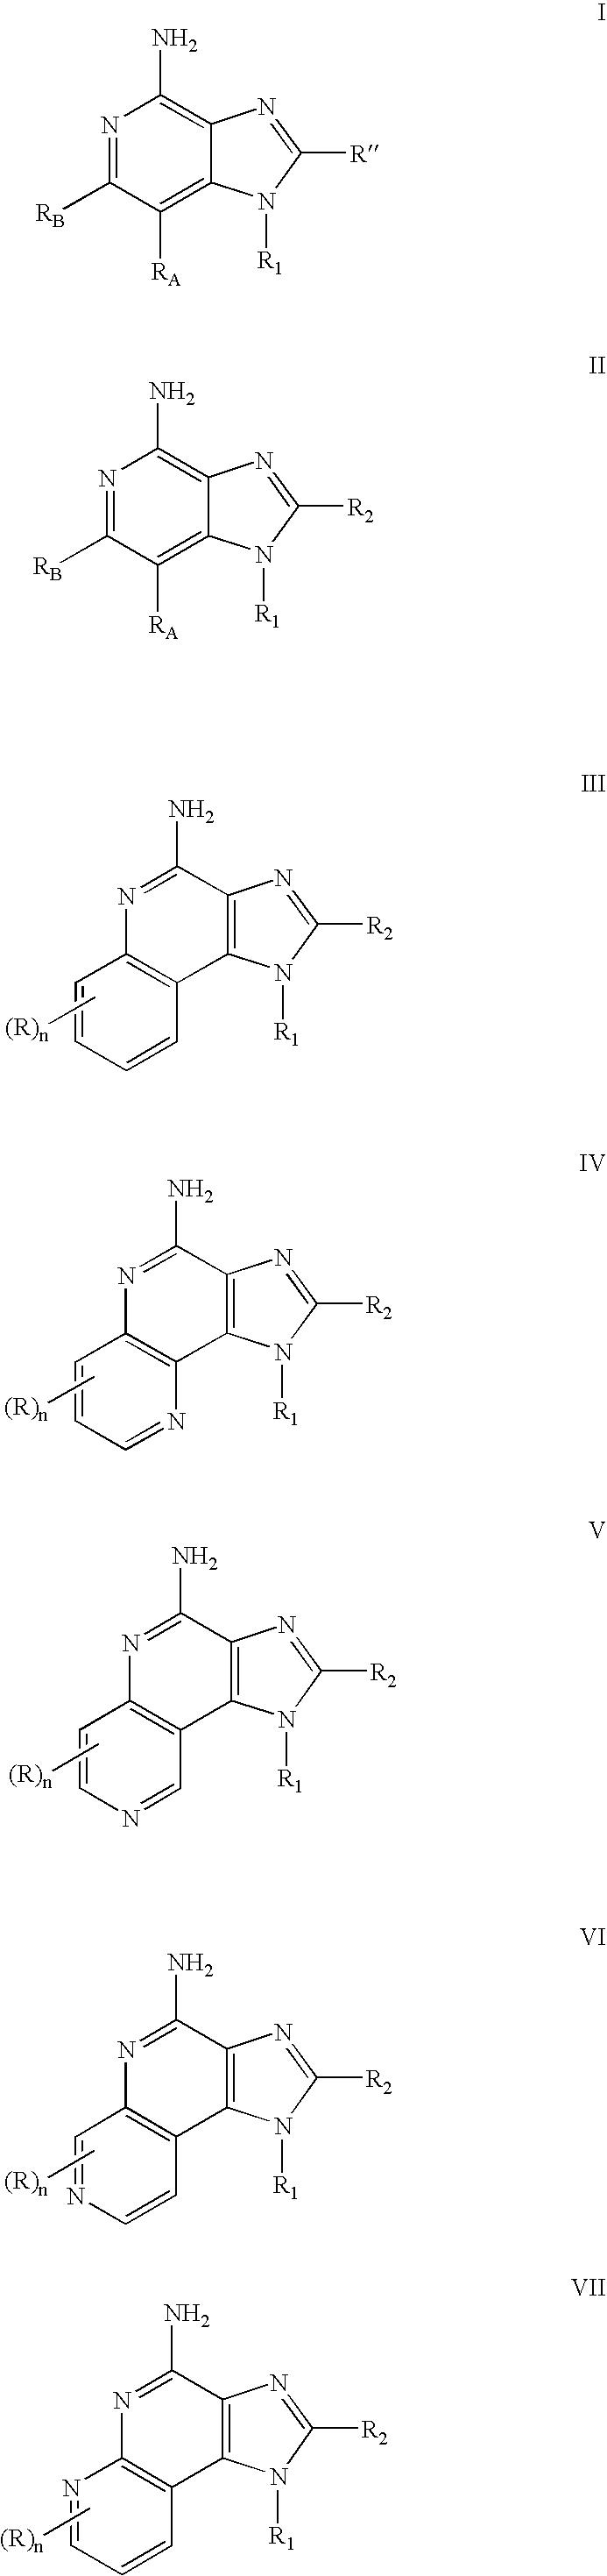 Figure US20060189644A1-20060824-C00003